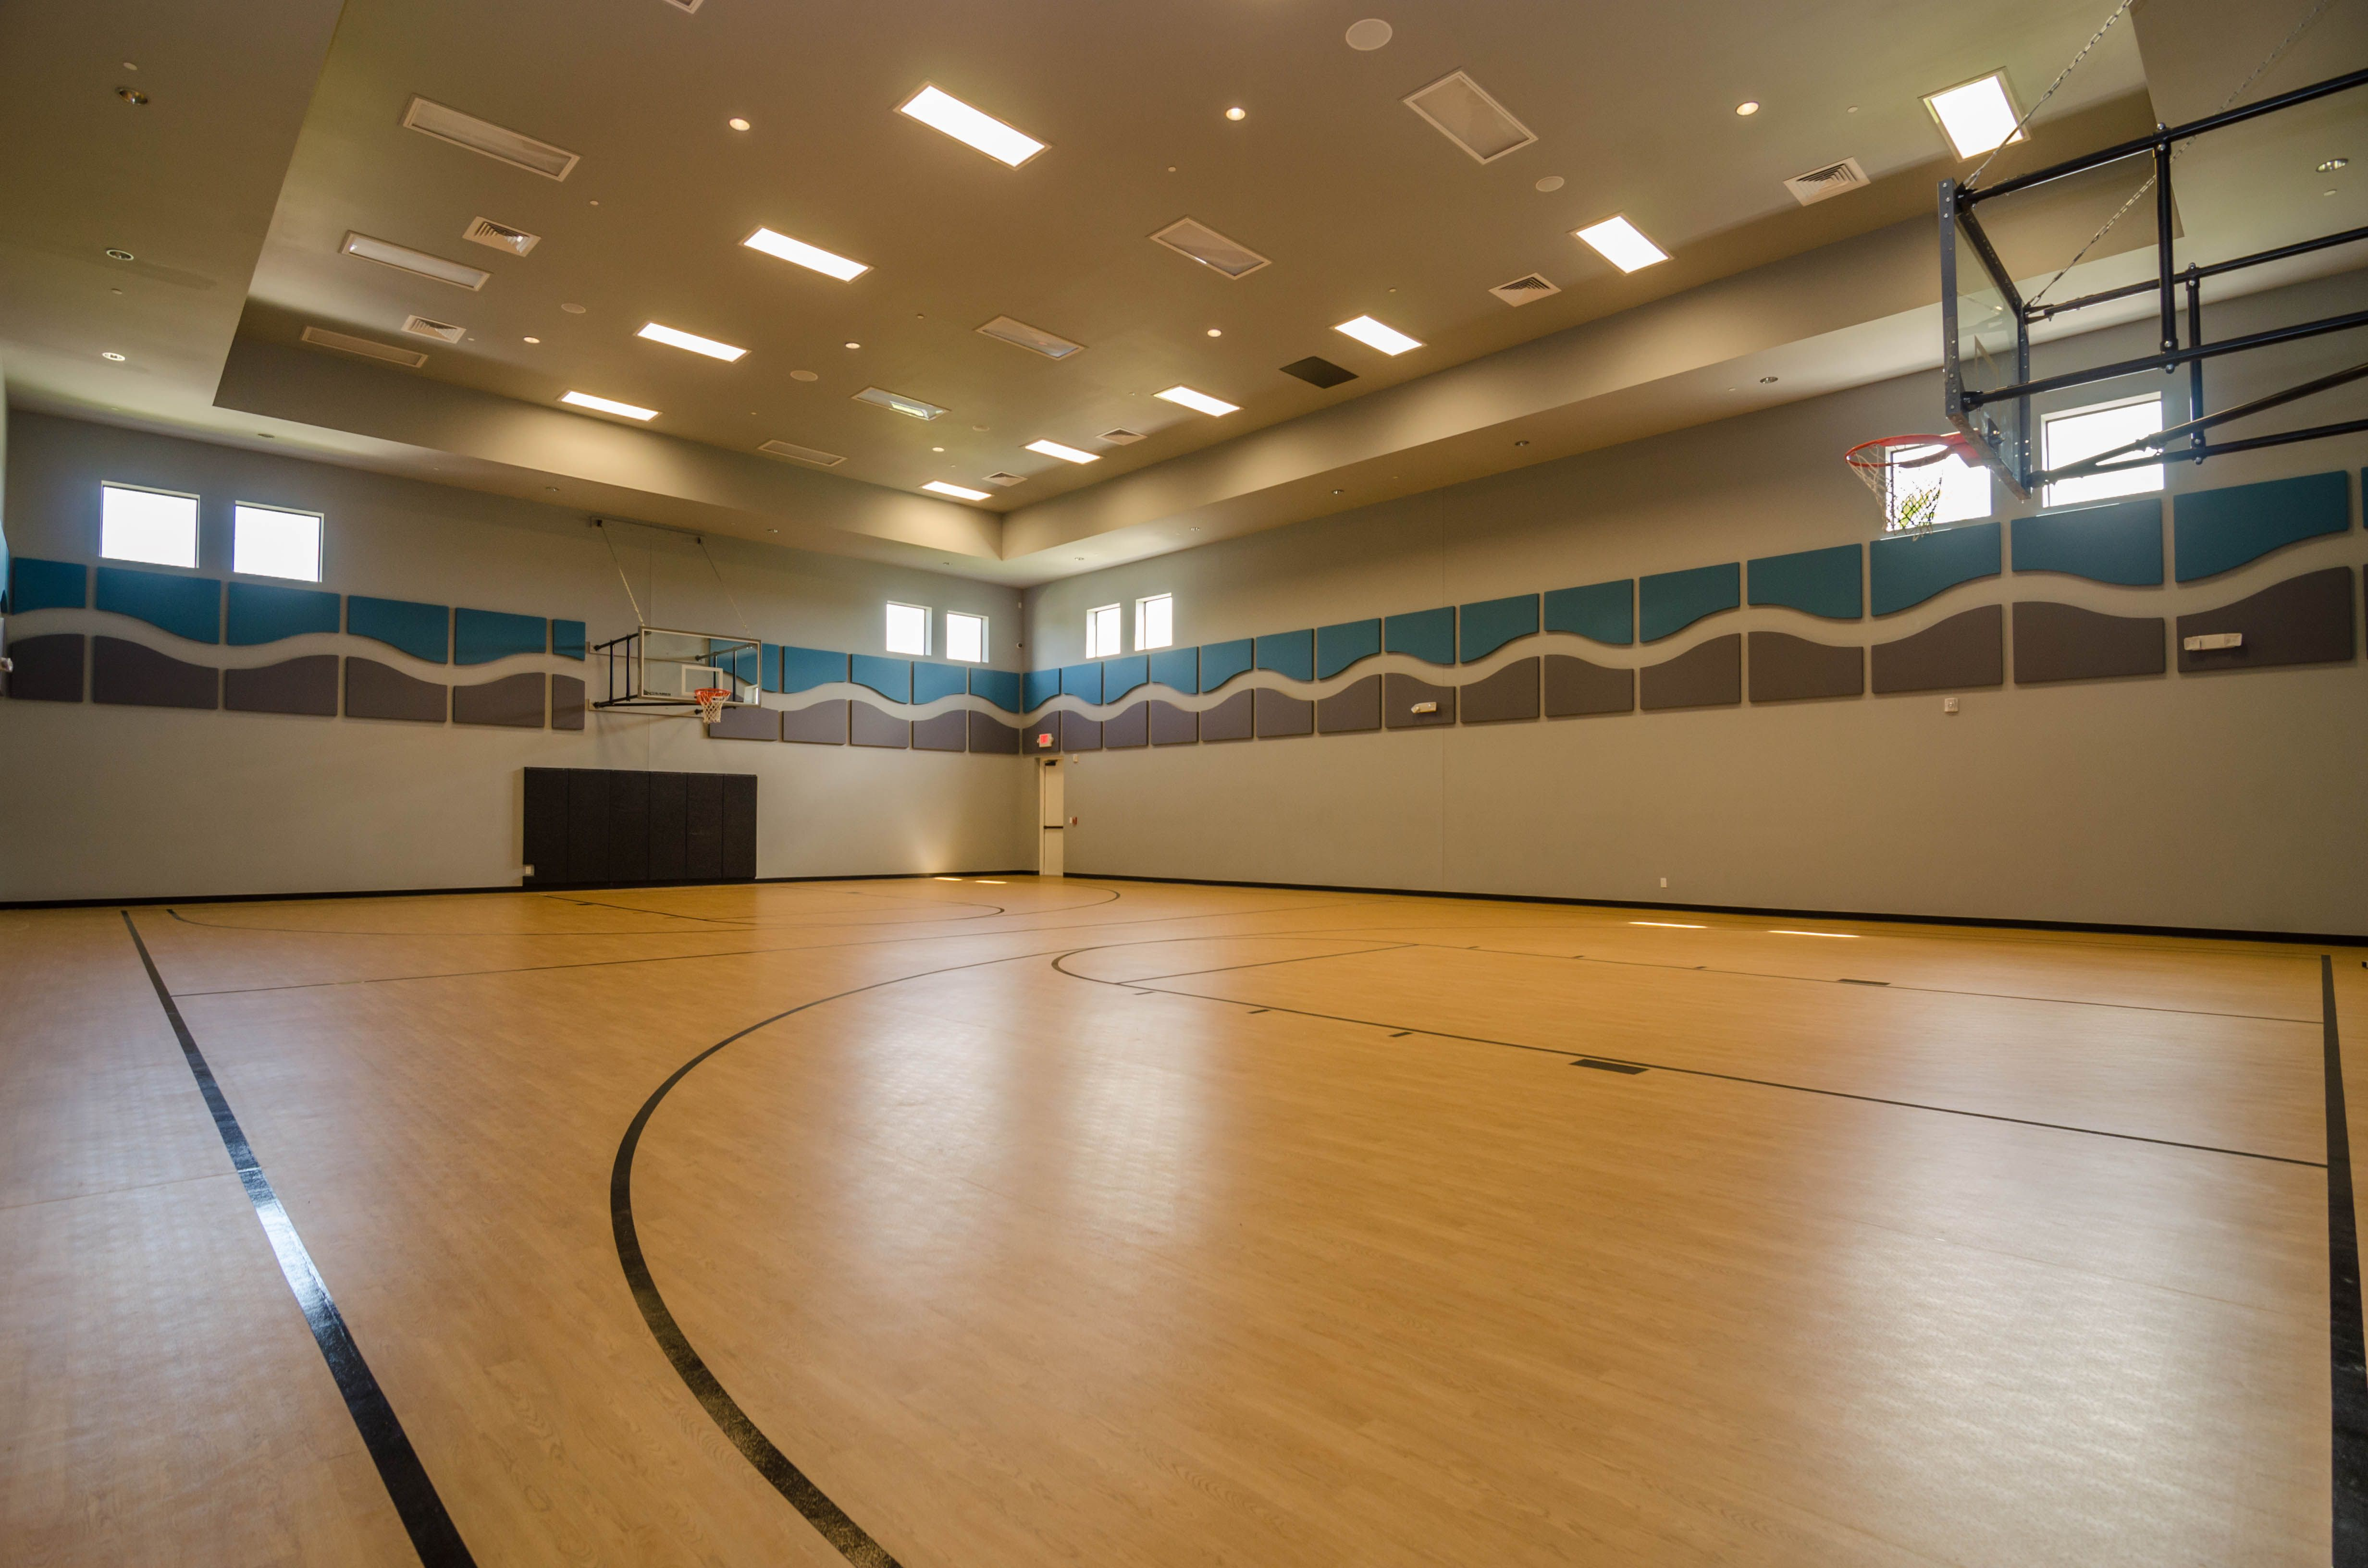 Community Indoor Basketball Court Indoor basketball